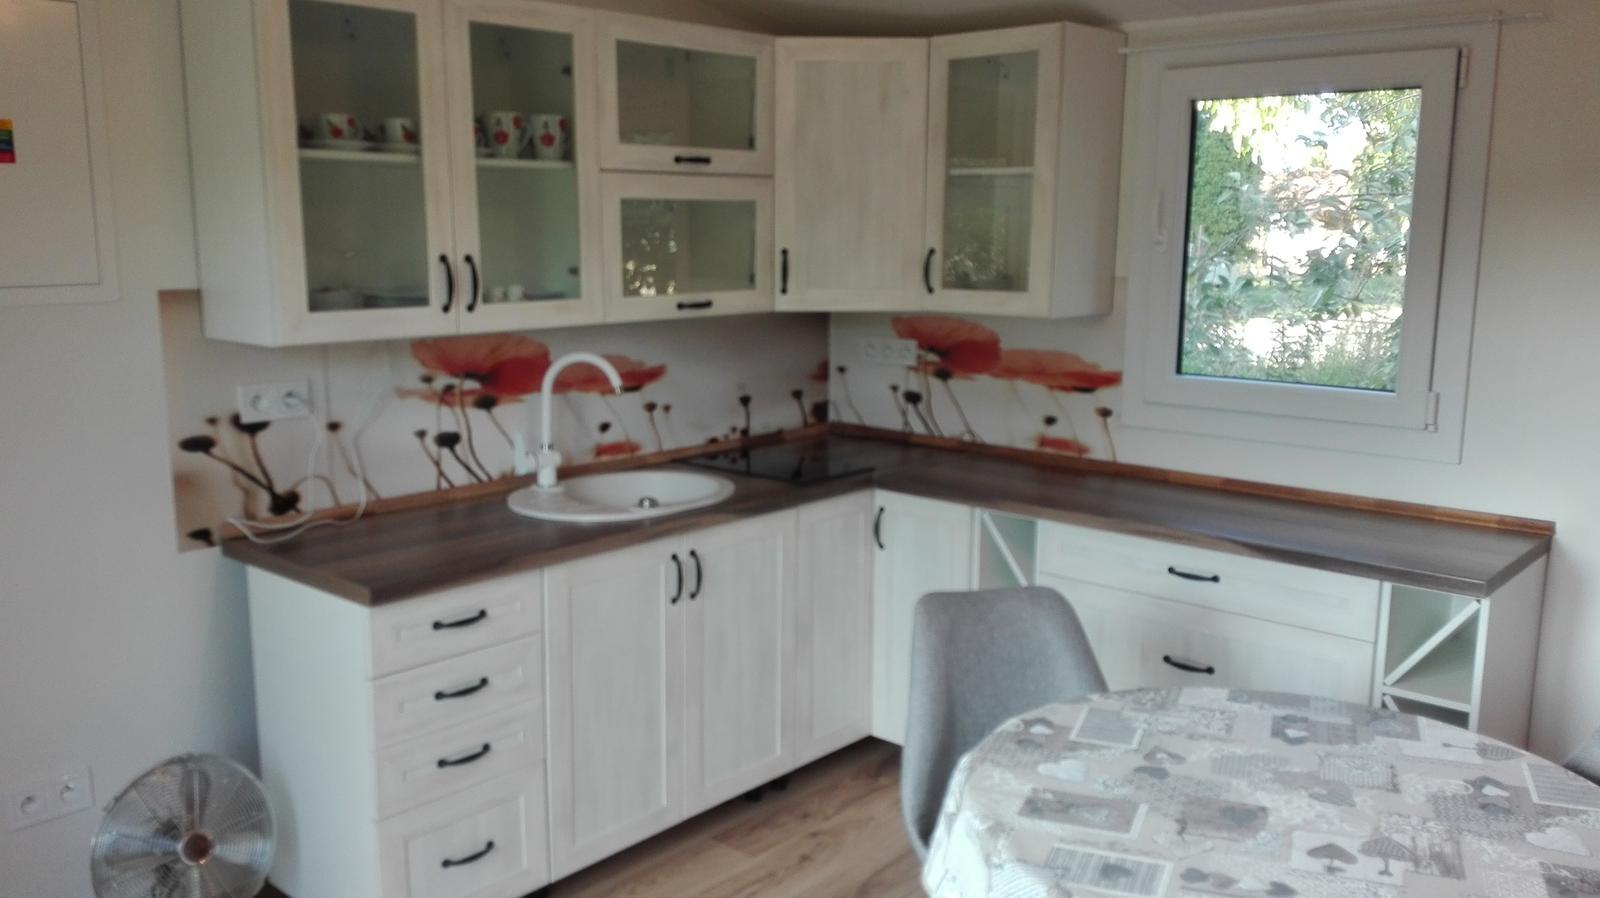 Fototapety do kuchyně - na kuchyňskou linku, na zeď, na skřínky - Obrázek č. 103